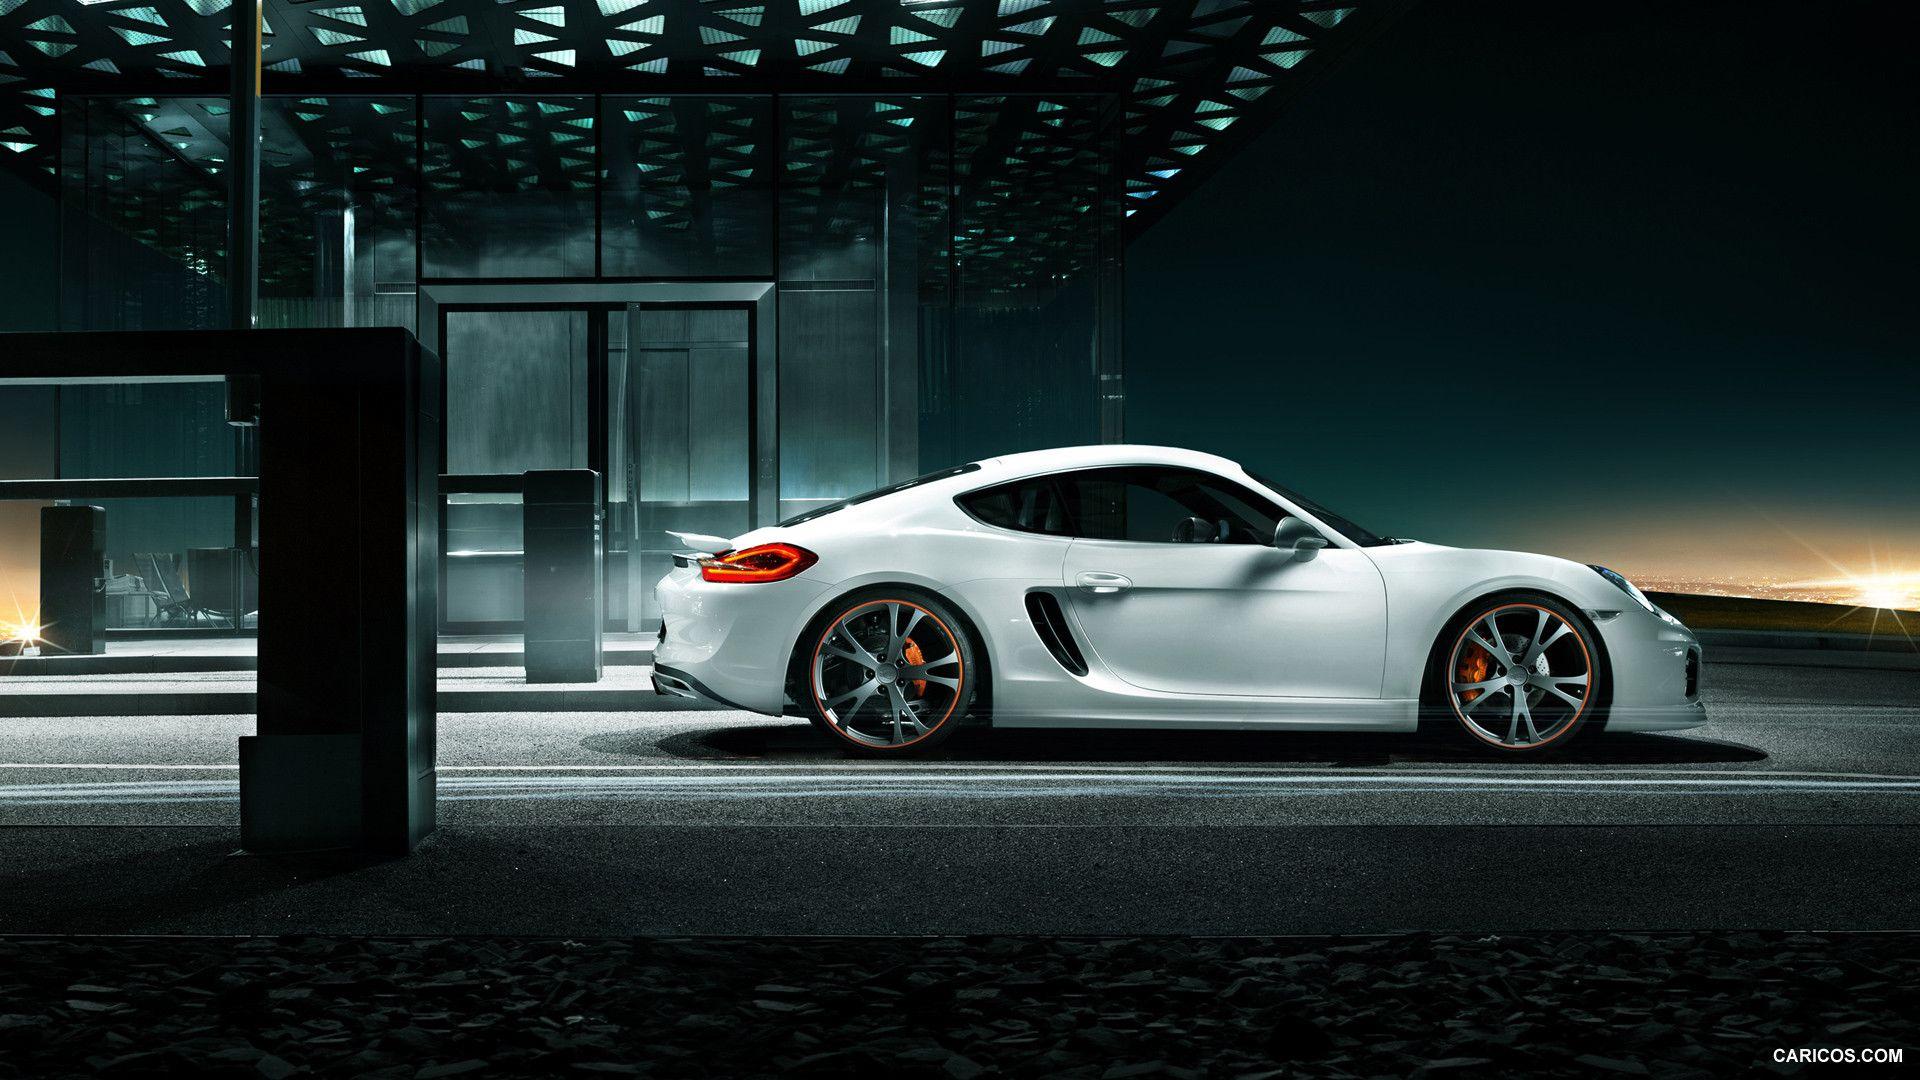 Cayman Porsche Gt4 Hd Wallpaper 1 Porsche Wallpaper Porsche Hd Car Wallpapers